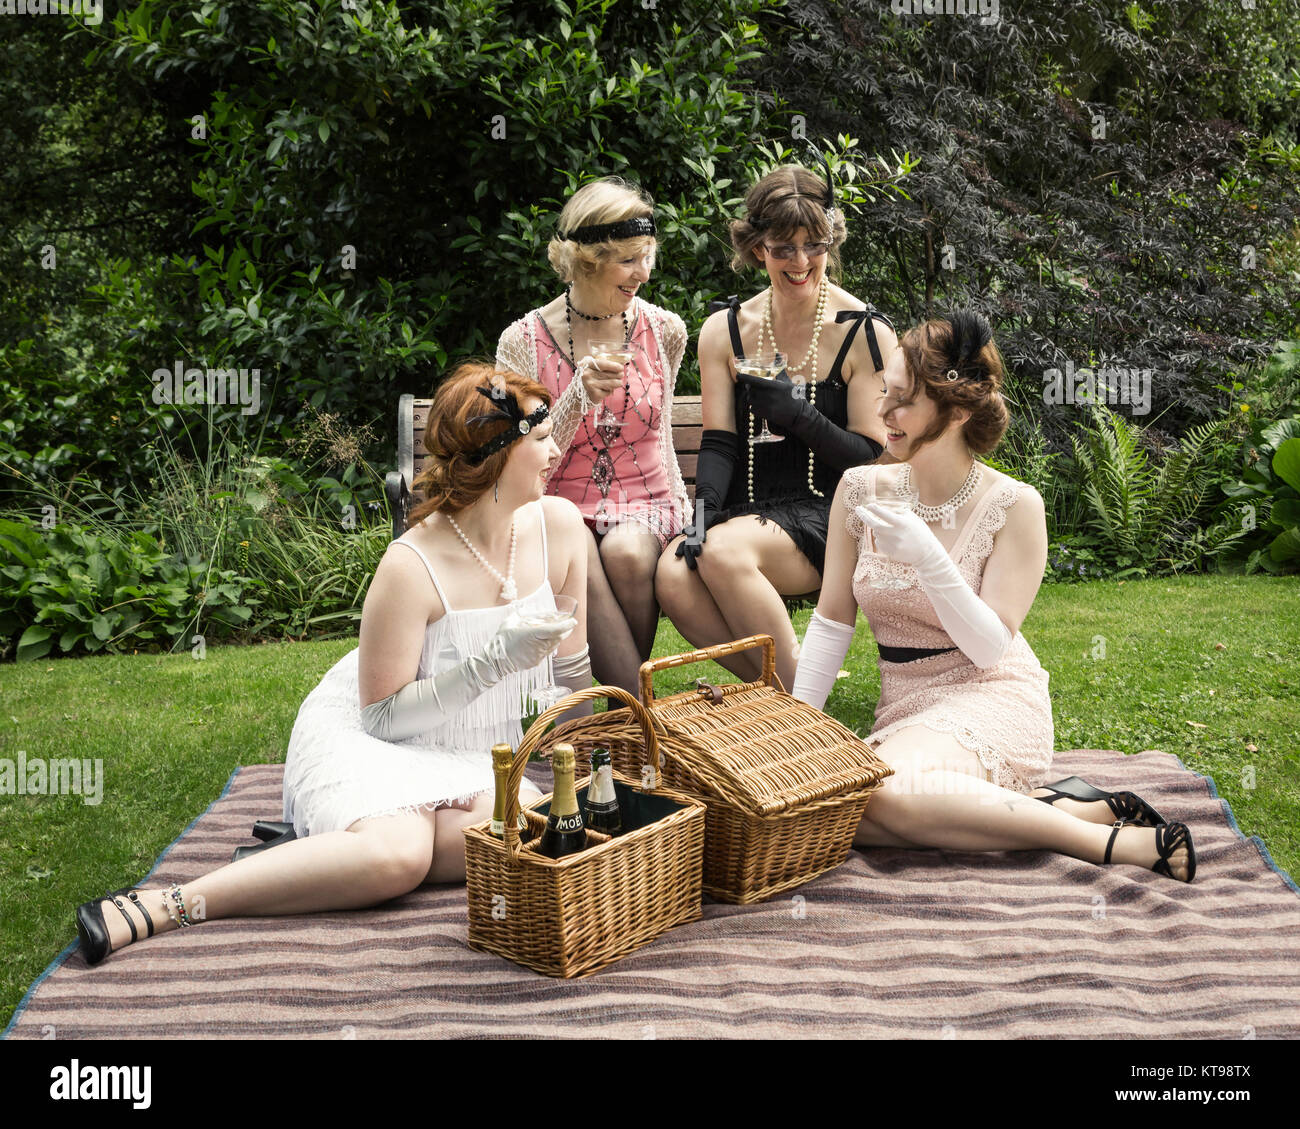 Jardin de style années 30, pique-nique en habits d'époque Photo Stock